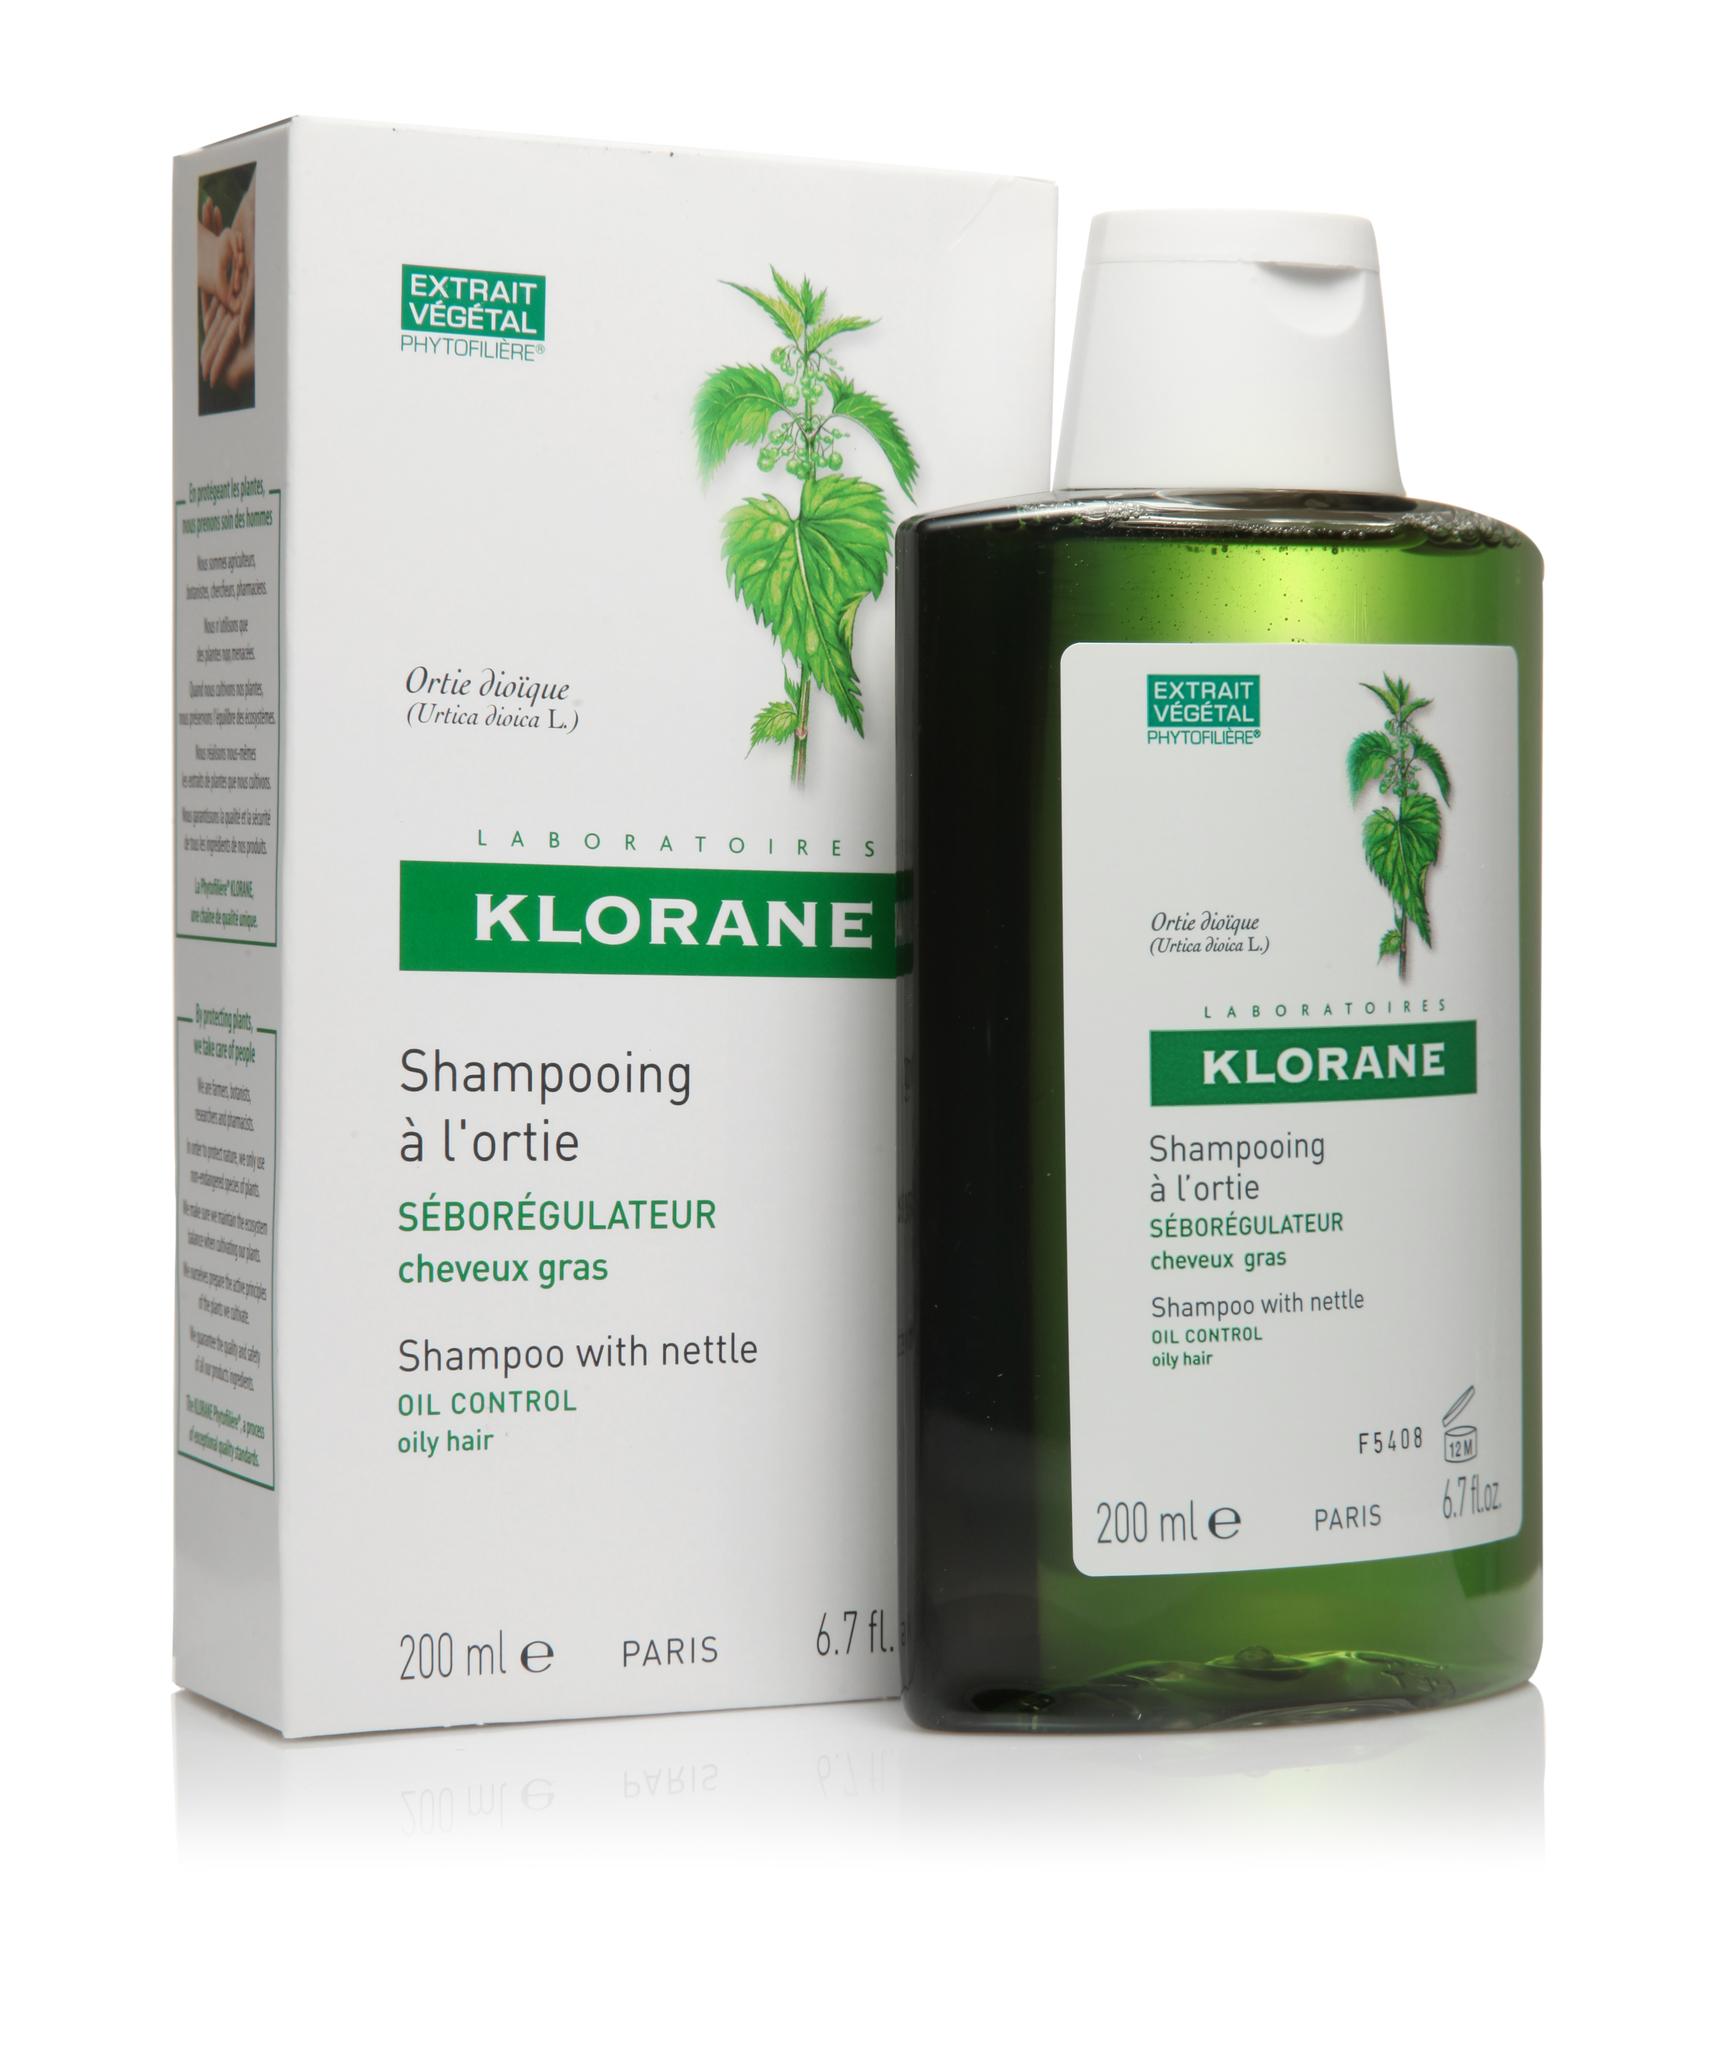 Klorane шампунь для жирных волос с экстрактом крапивы себорегулирующий 200 мл.